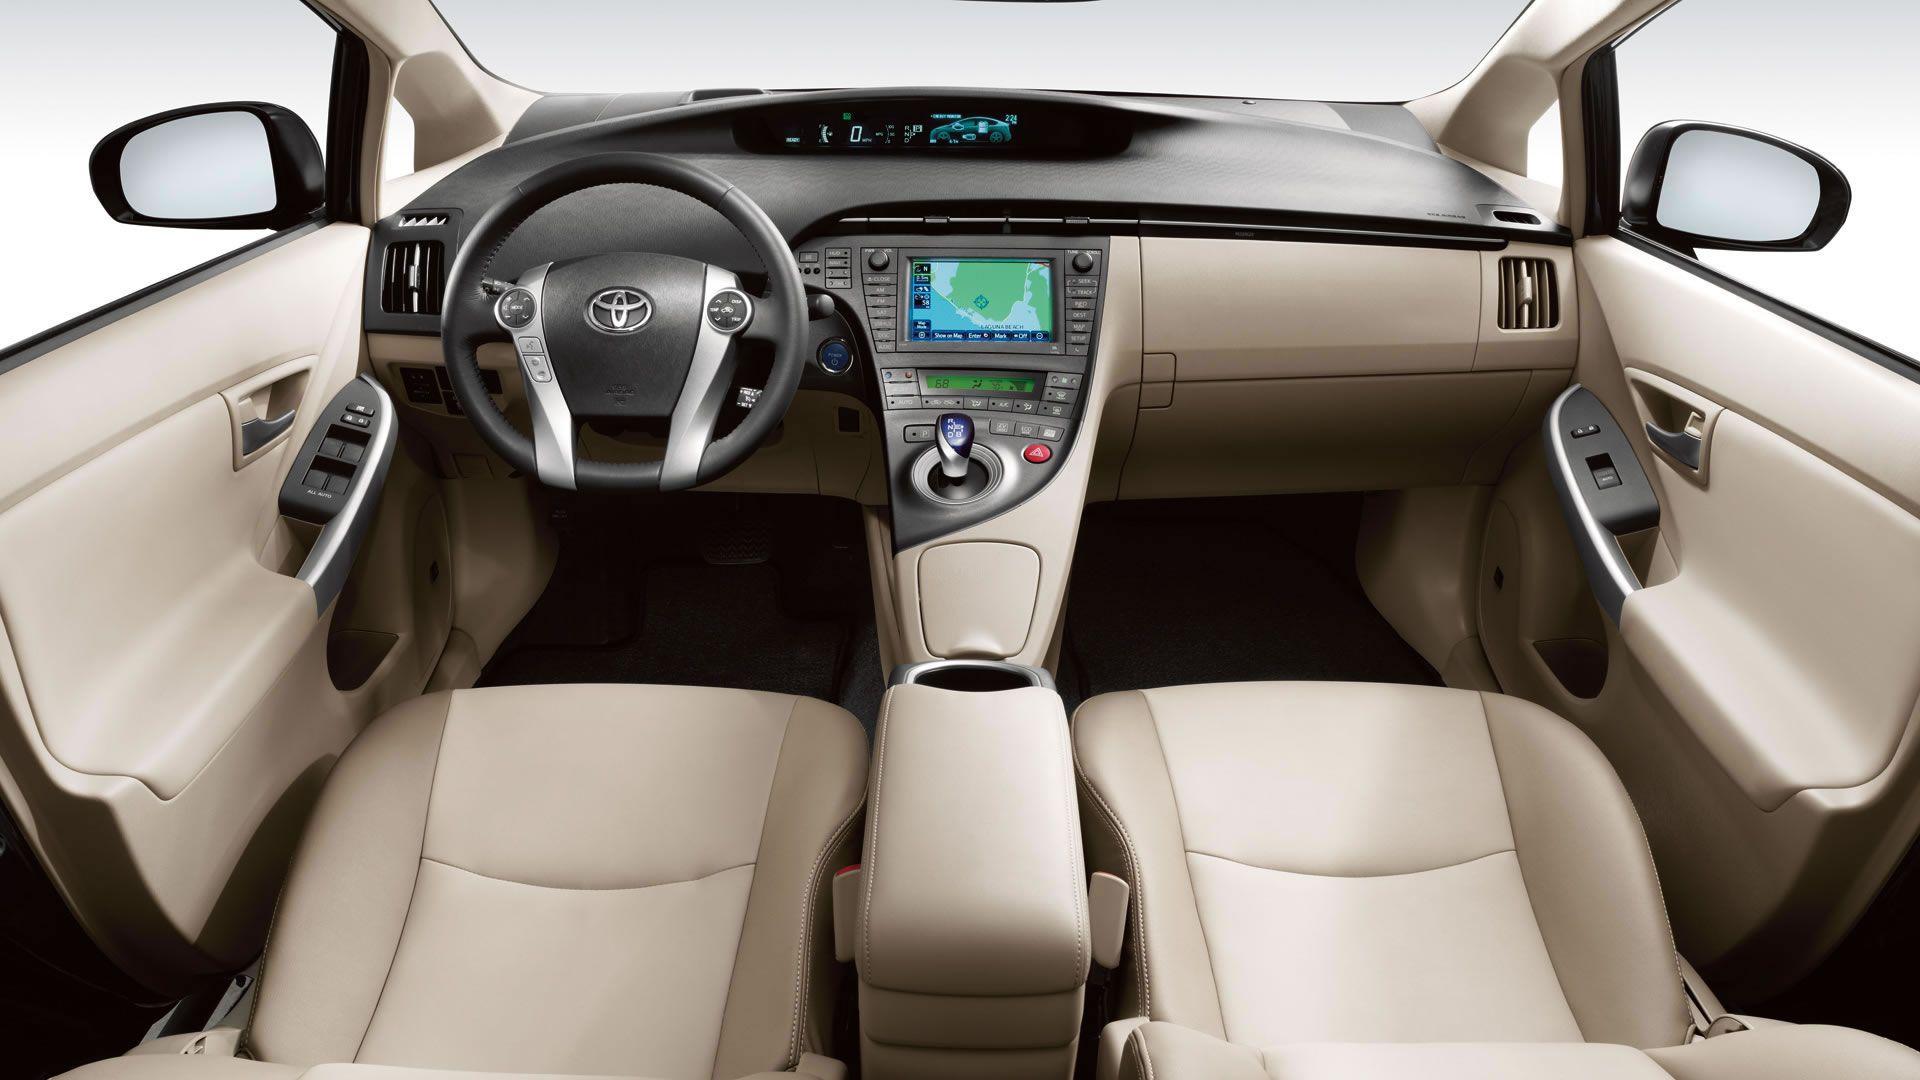 2015 toyota prius interiors cars pinterest toyota prius